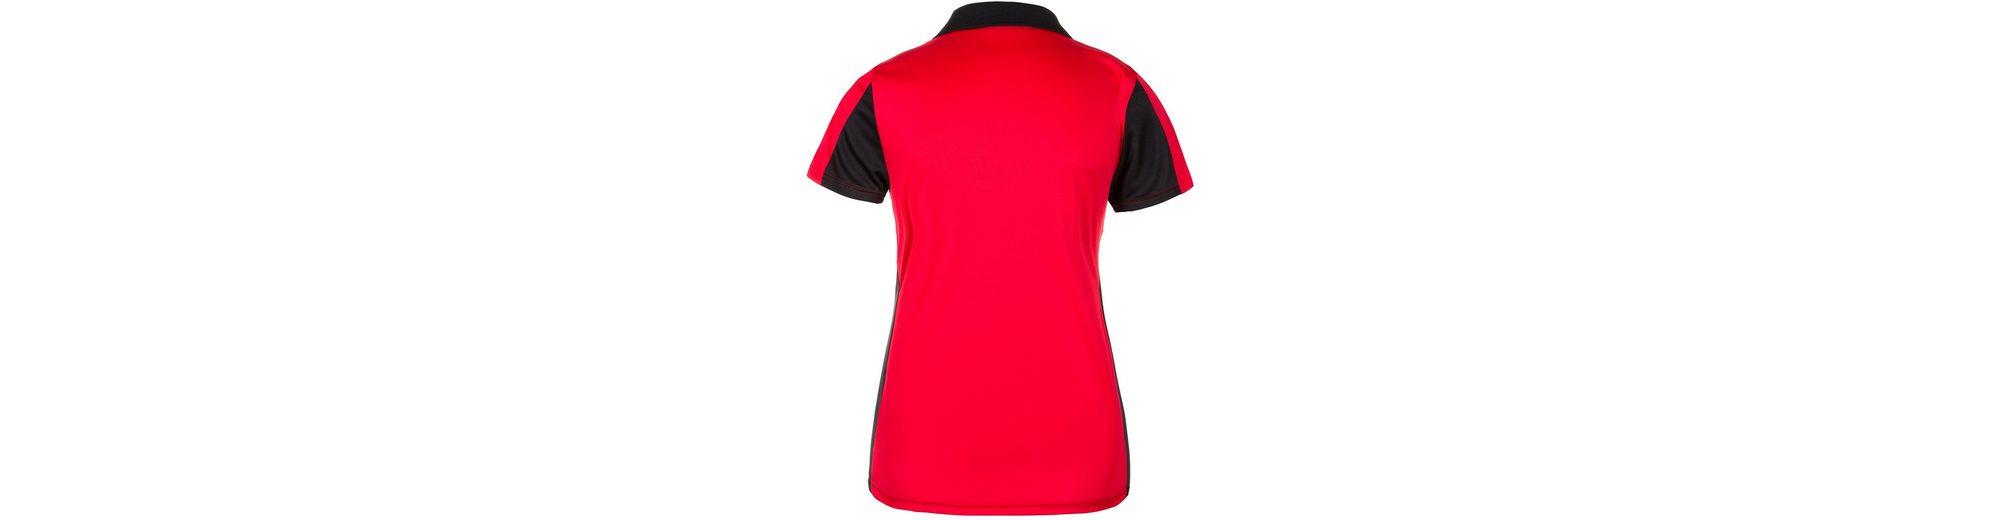 Spielraum Schnelle Lieferung ERIMA 5-CUBES Poloshirt Damen Manchester Große Online-Verkauf Rabatt-Codes Online-Shopping GGLep